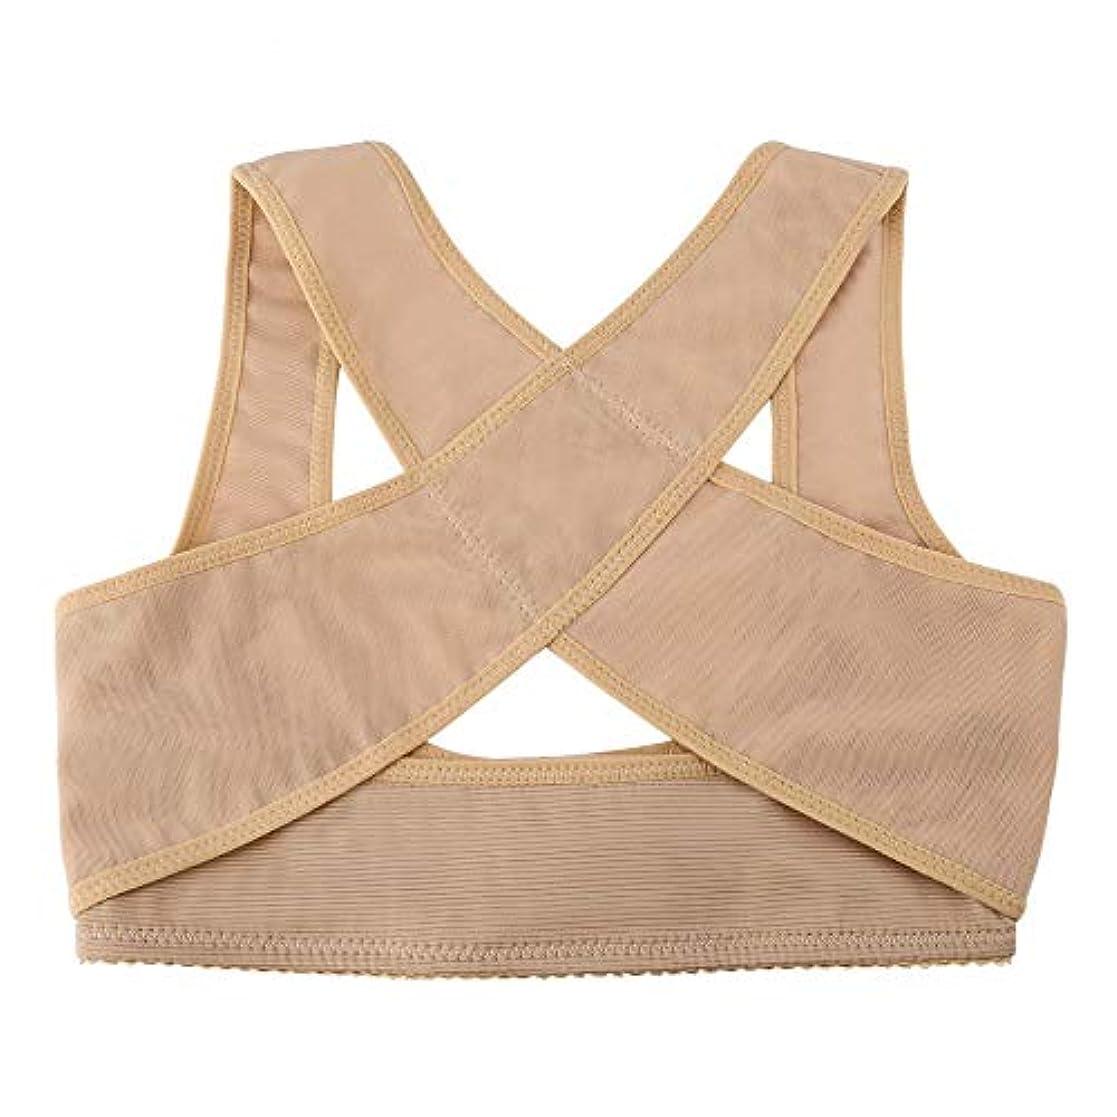 限られた落胆させる前に調節可能な伸縮性がある背部女性ベルトサポート姿勢補正装置支柱サポート姿勢肩補正装置ヘルスケア